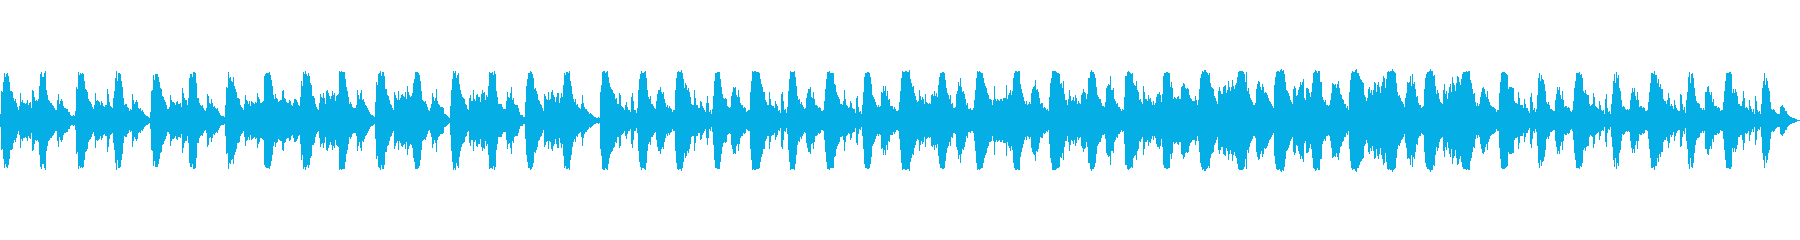 軽快な日常のようなイメージの曲の再生済みの波形